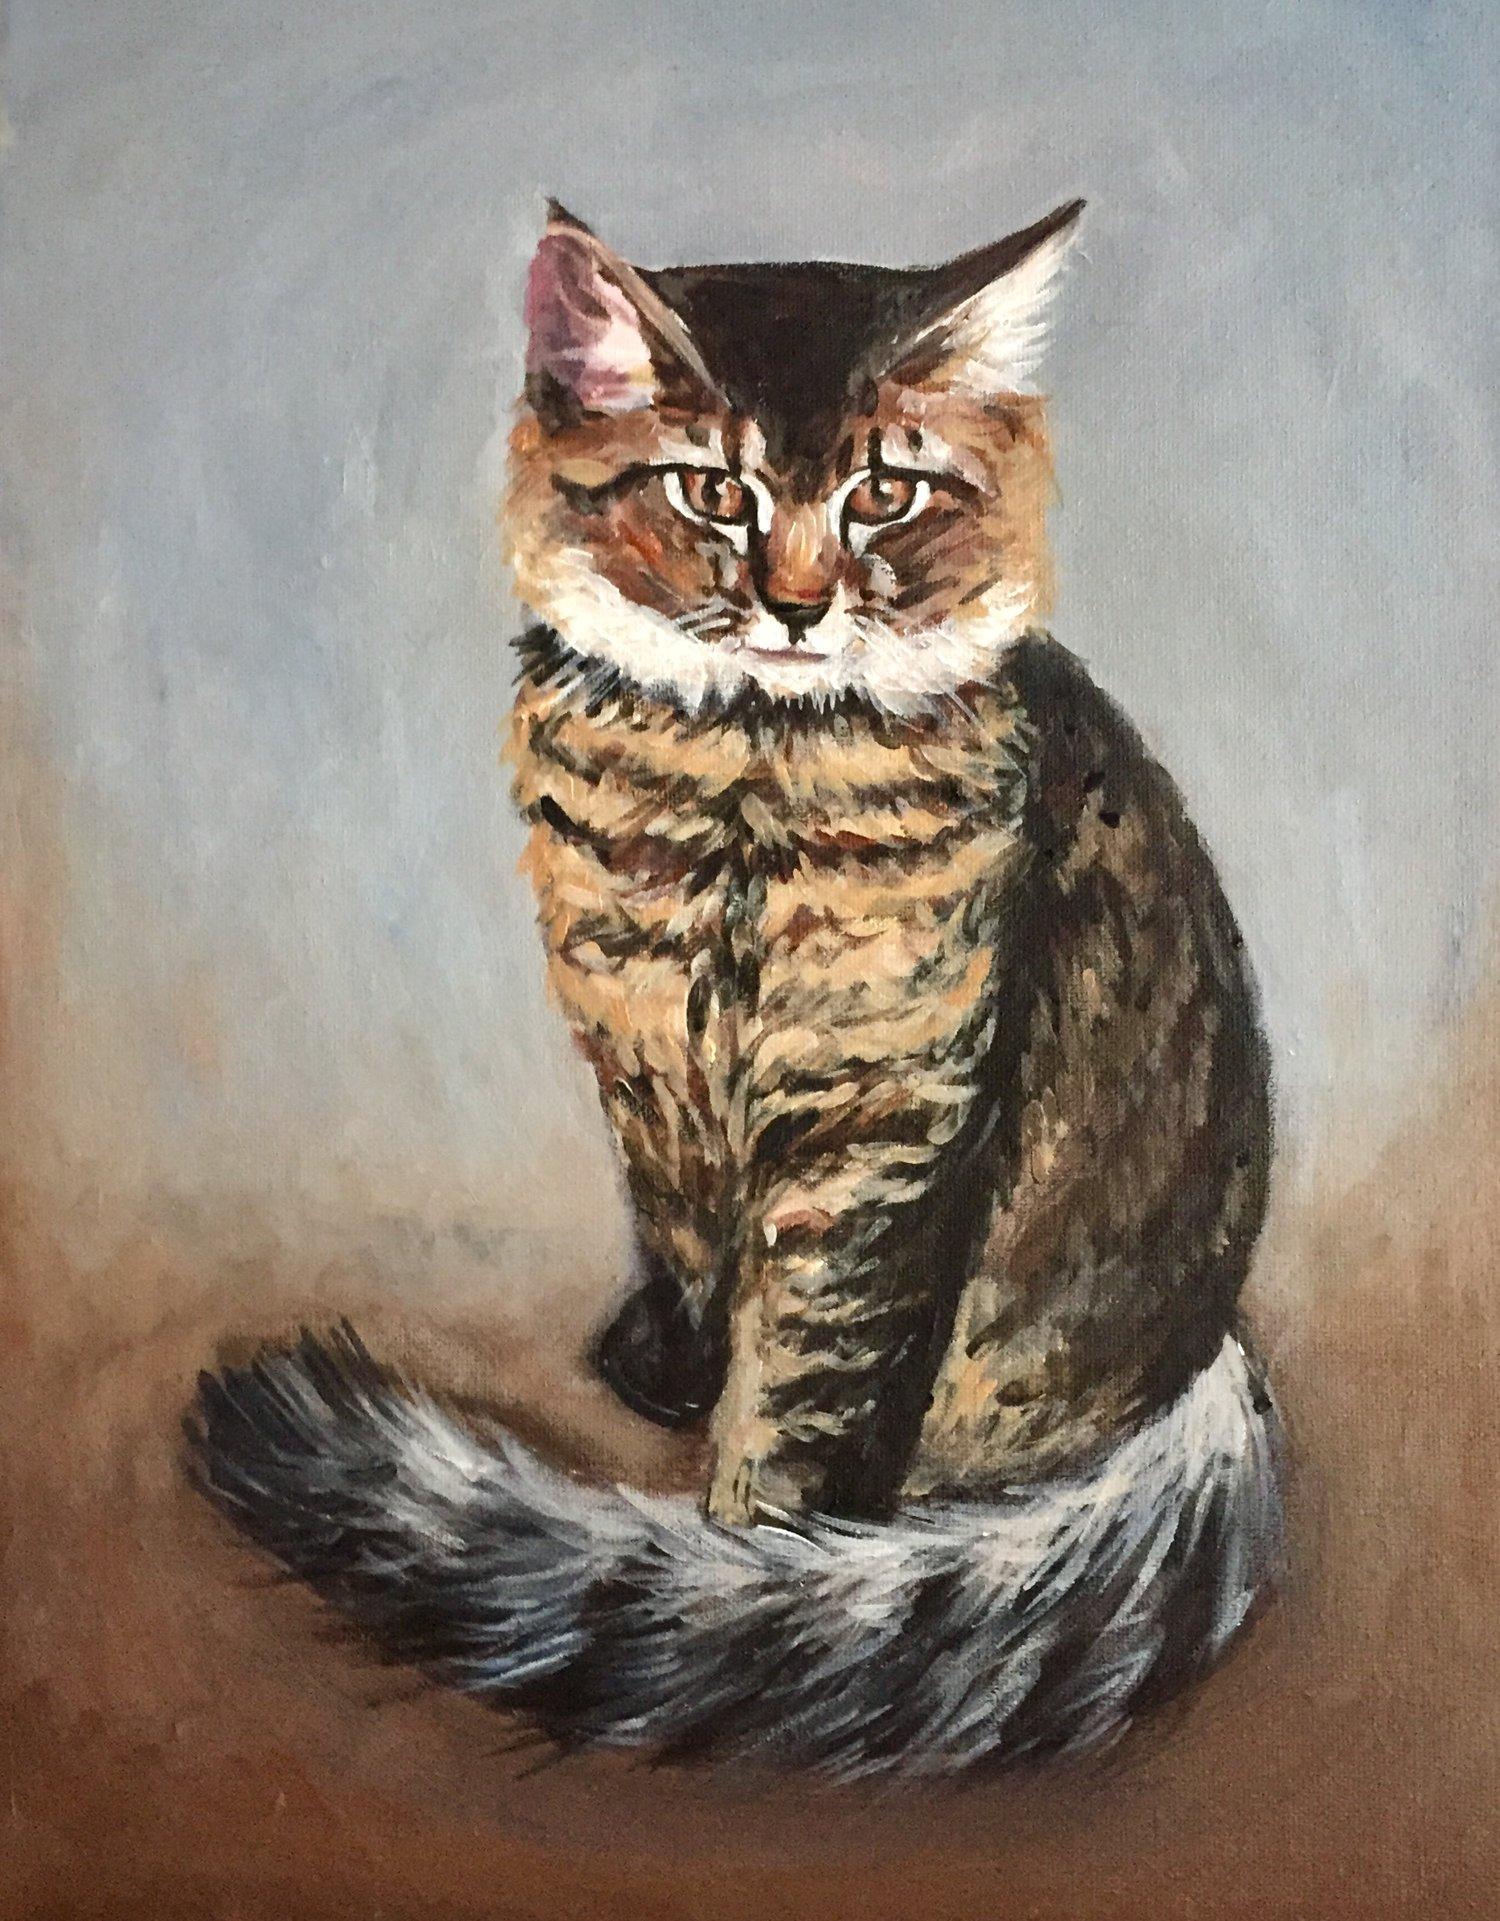 Kitty   2017. Acrylic on canvas. 18 x 24.